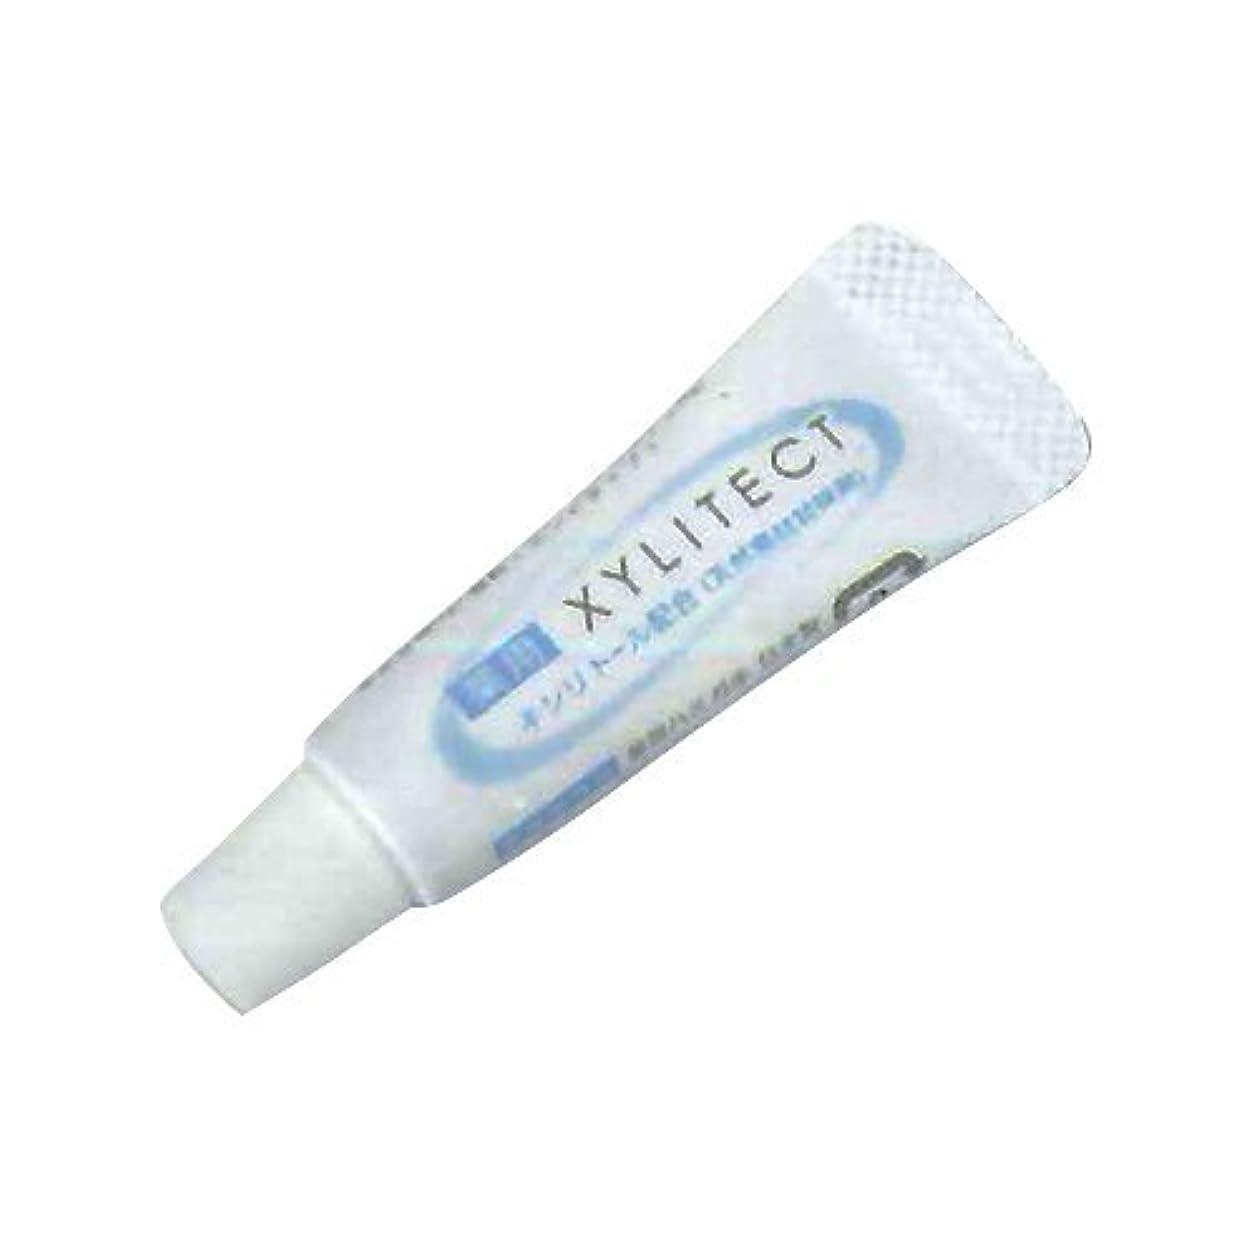 処理うがい含める業務用歯磨き粉 薬用キシリテクト (XYLITECT) 4.5g (個包装タイプ) | ホテルアメニティ ハミガキ toothpaste